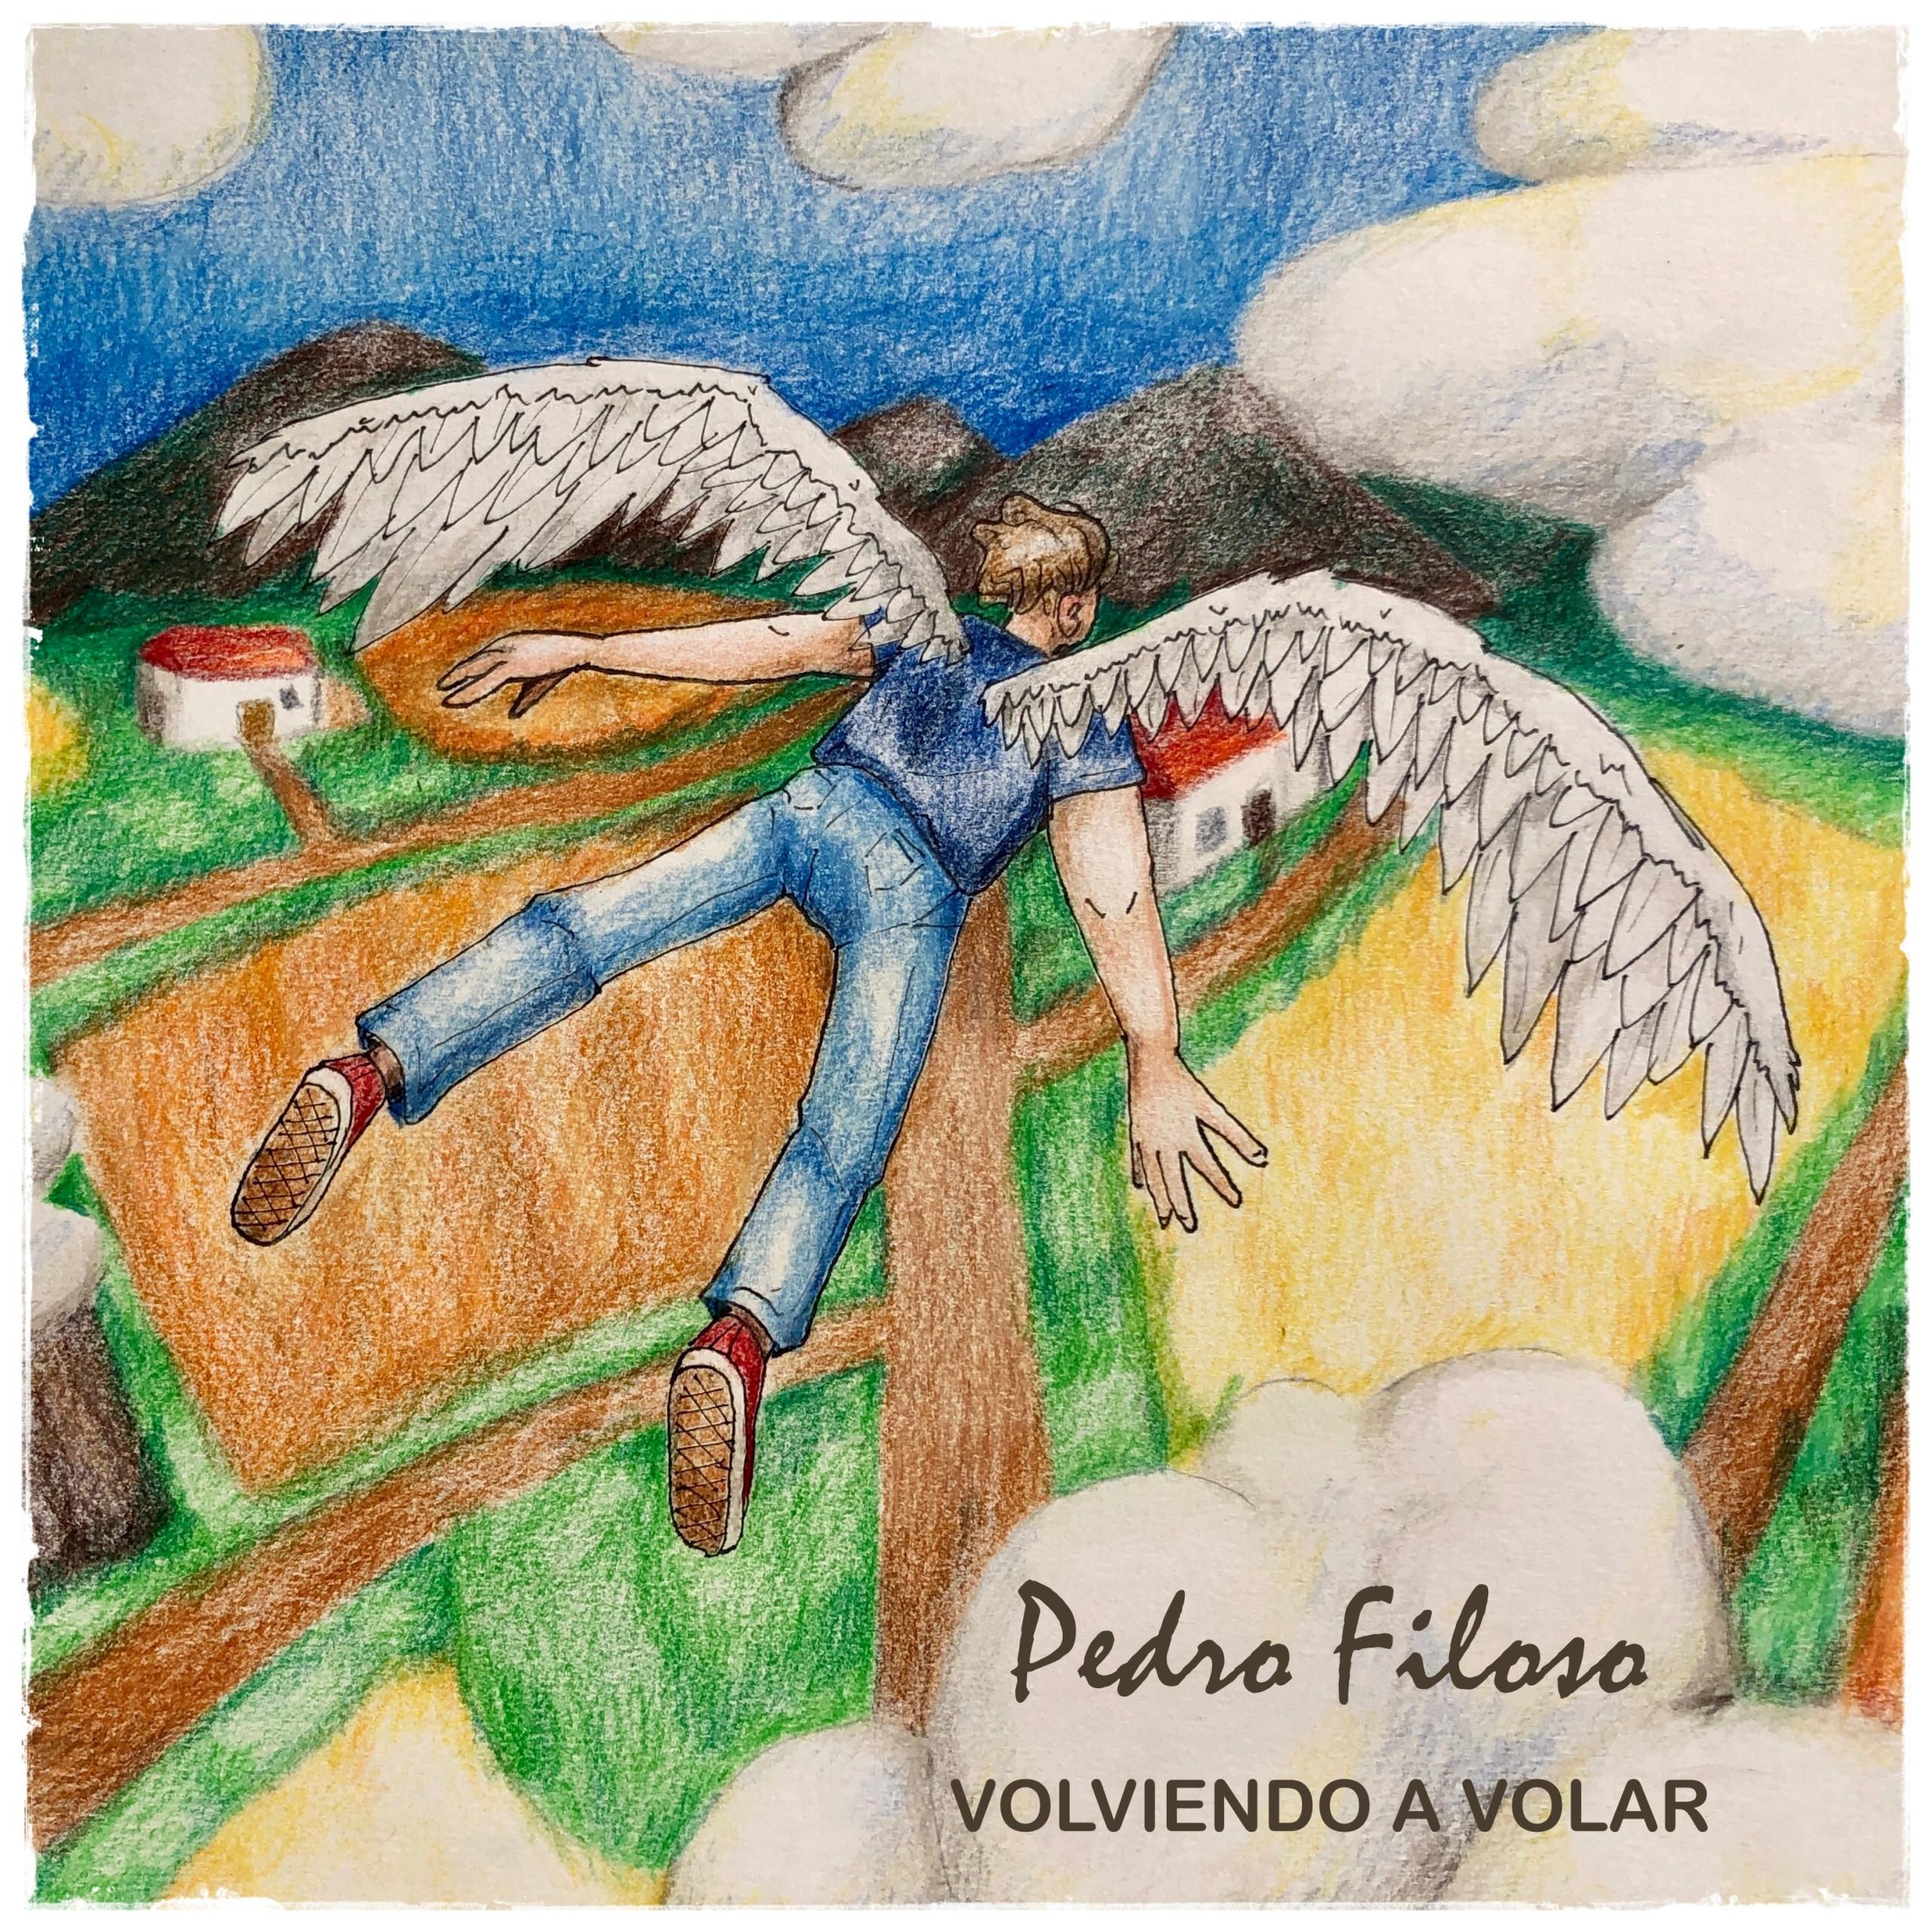 Pedro Filoso - Volviendo a volar